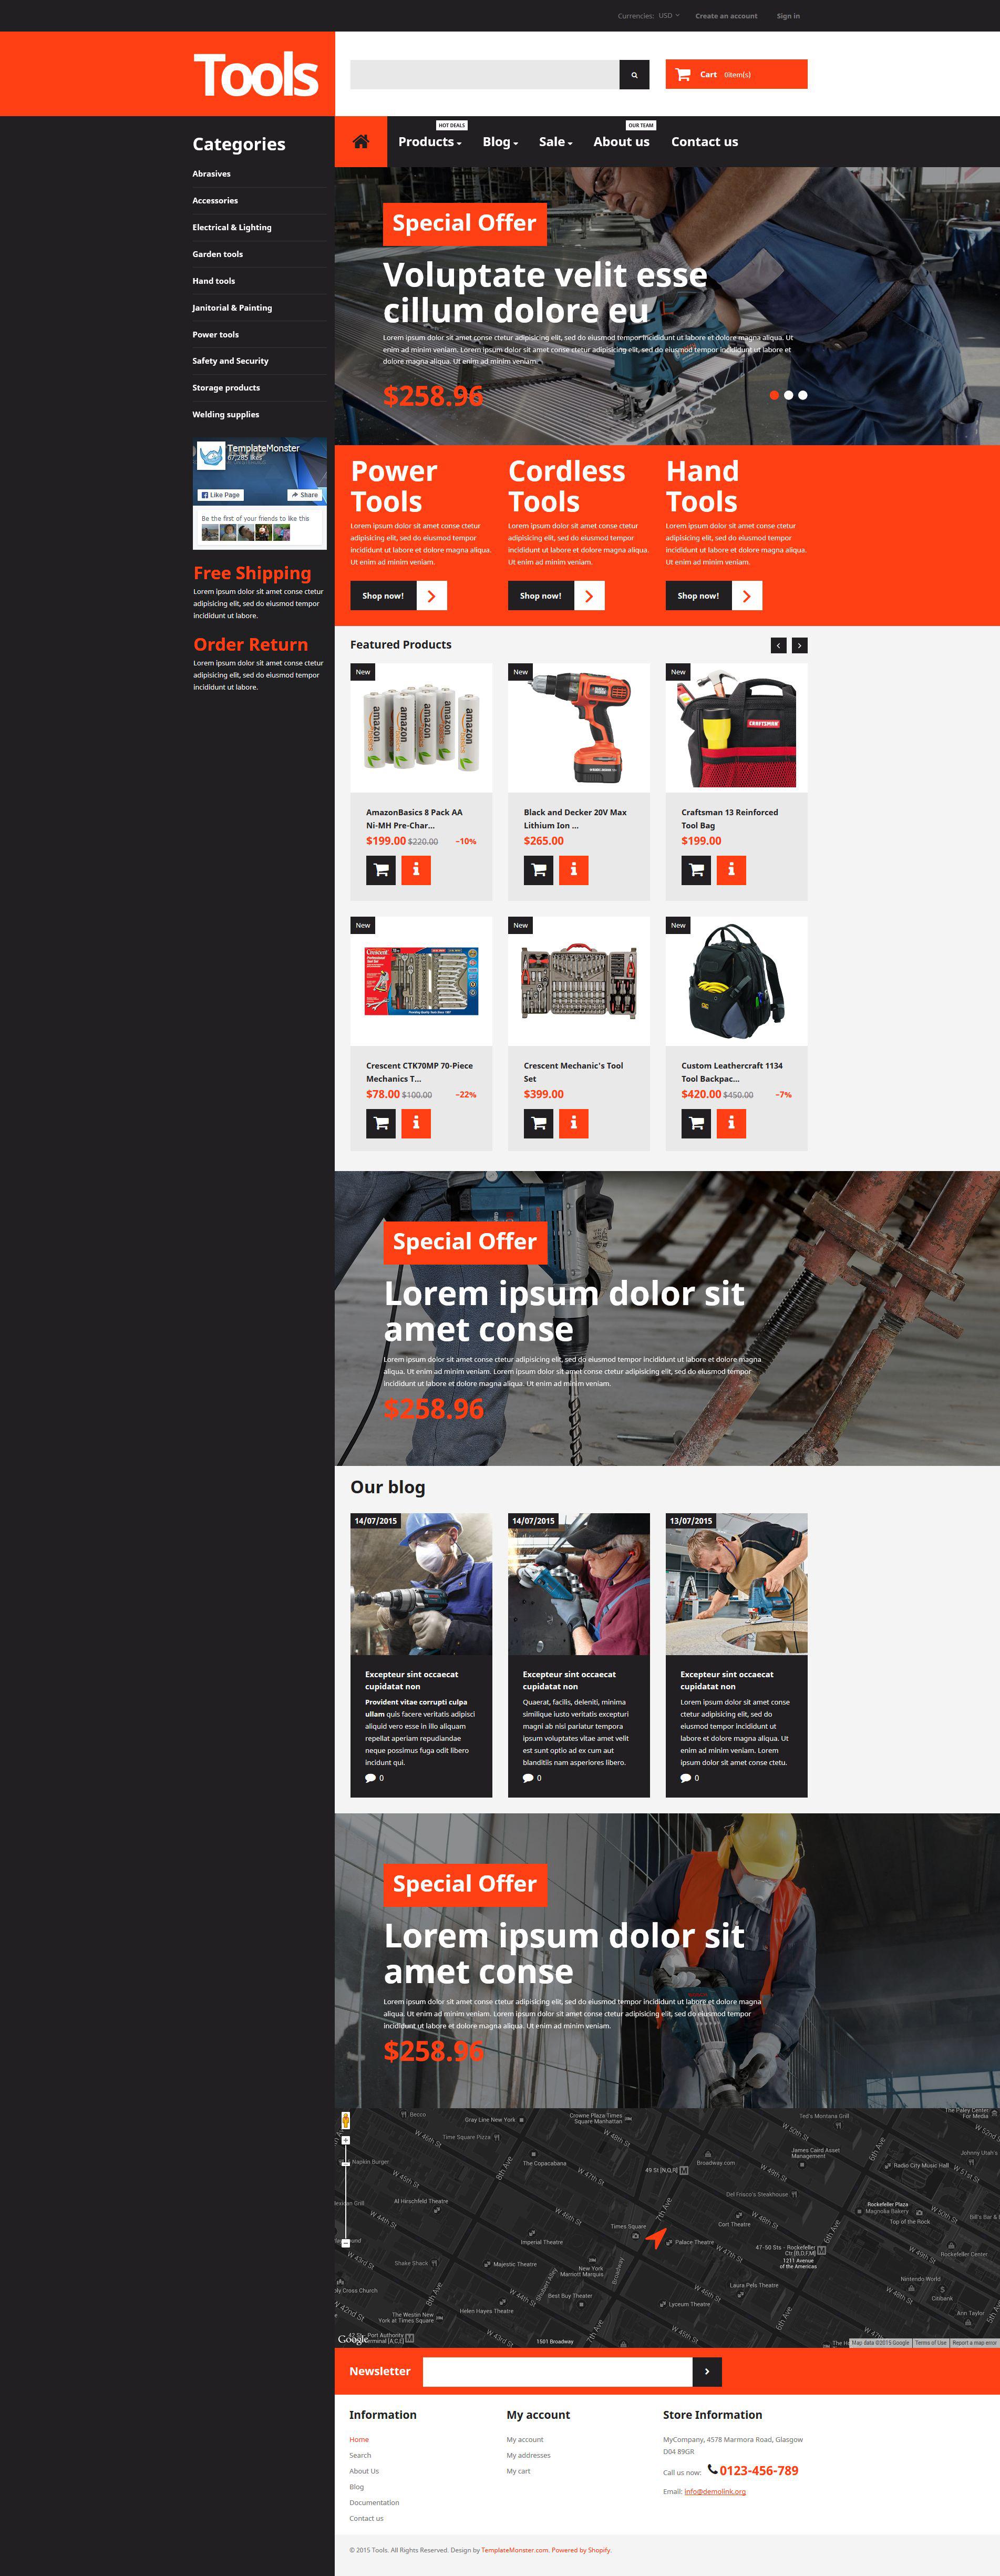 Responsives Shopify Theme für Werkzeuge und Geräte #55111 - Screenshot